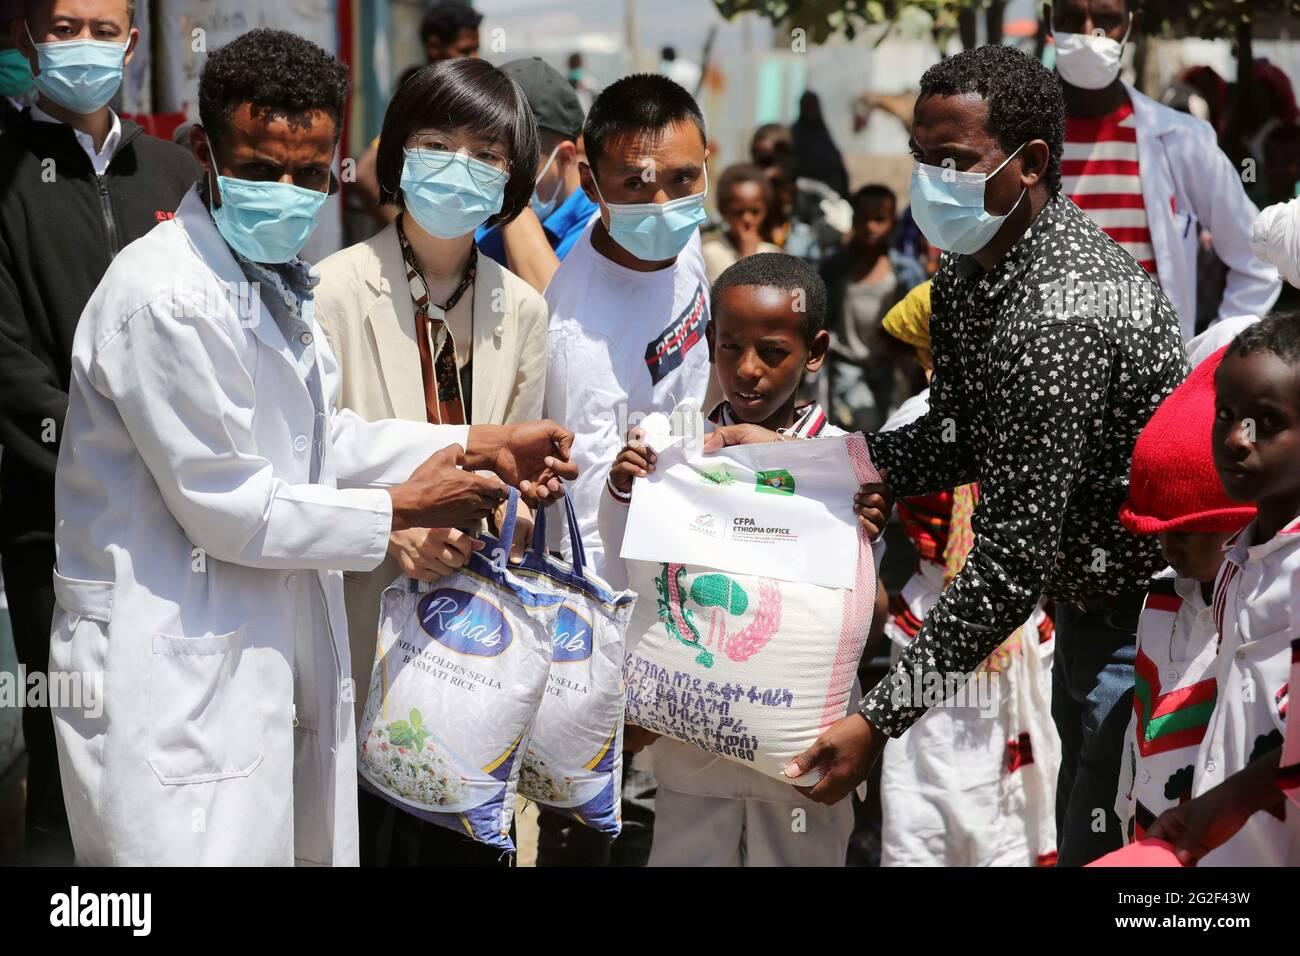 Dukem, Escuela Primaria Obaay, en la ciudad de Dukem, en el estado regional de Oromia en Etiopía. 9th de junio de 2021. Huang Xiaocen (2nd L, front), subdirector de la Fundación China para el Alivio de la Pobreza (CFPA) Etiopía, distribuye alimentos a estudiantes locales en la Escuela Primaria Obaay, en la ciudad de Dukem, en el estado regional de Oromia, Etiopía, el 9 de junio de 2021. CFPA distribuyó el miércoles paquetes de alimentos a más de 400 estudiantes en la Escuela Primaria Obaay, en la ciudad de Dukem, en el estado regional de Oromia, Etiopía. Crédito: Wang Ping/Xinhua/Alamy Live News Foto de stock